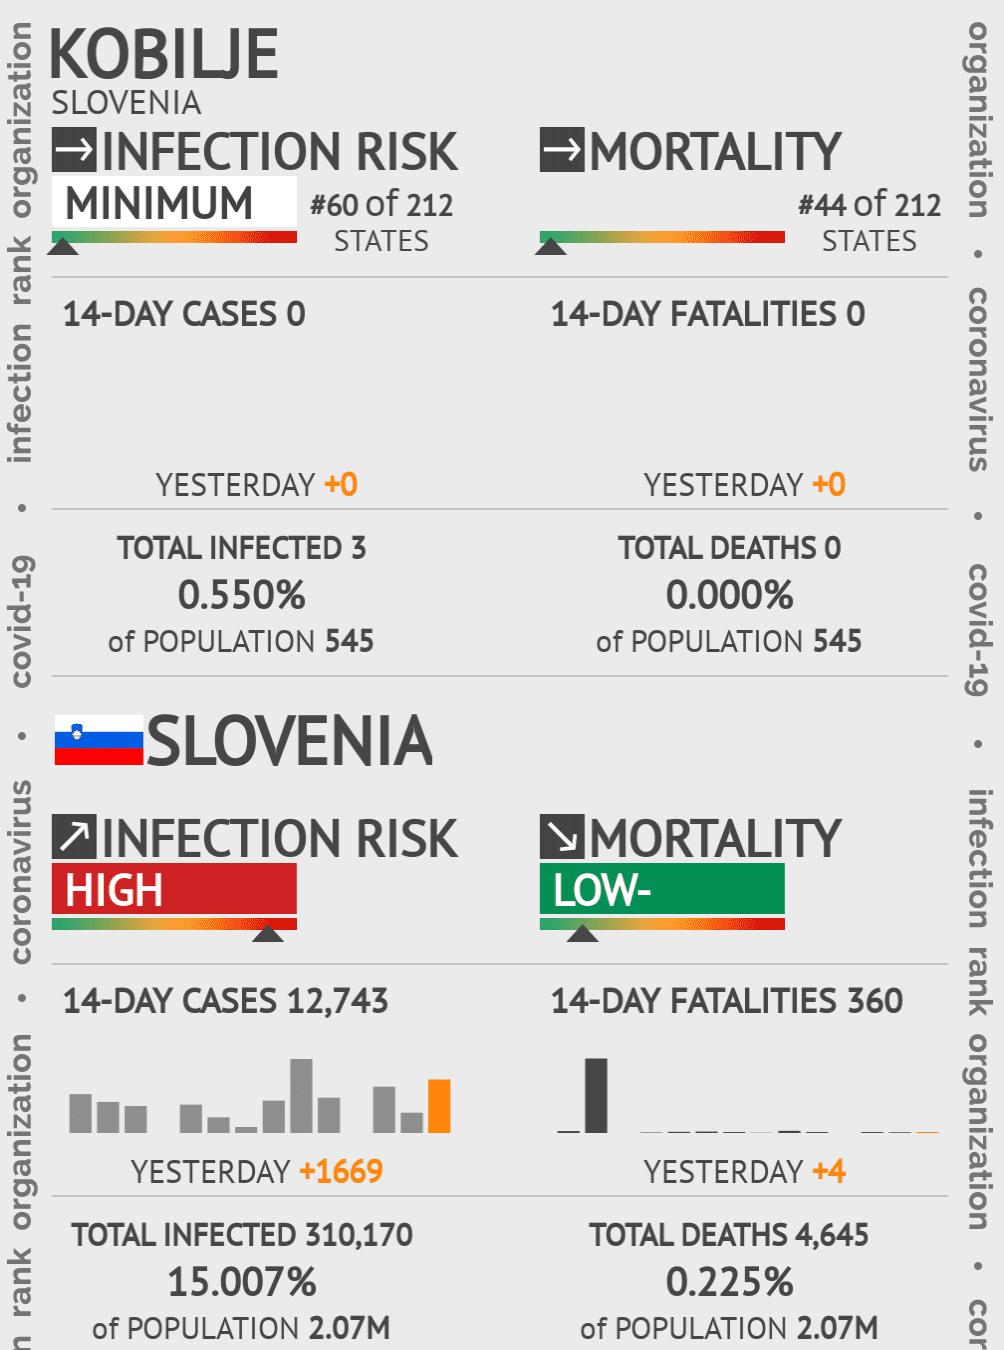 Kobilje Coronavirus Covid-19 Risk of Infection on May 14, 2020